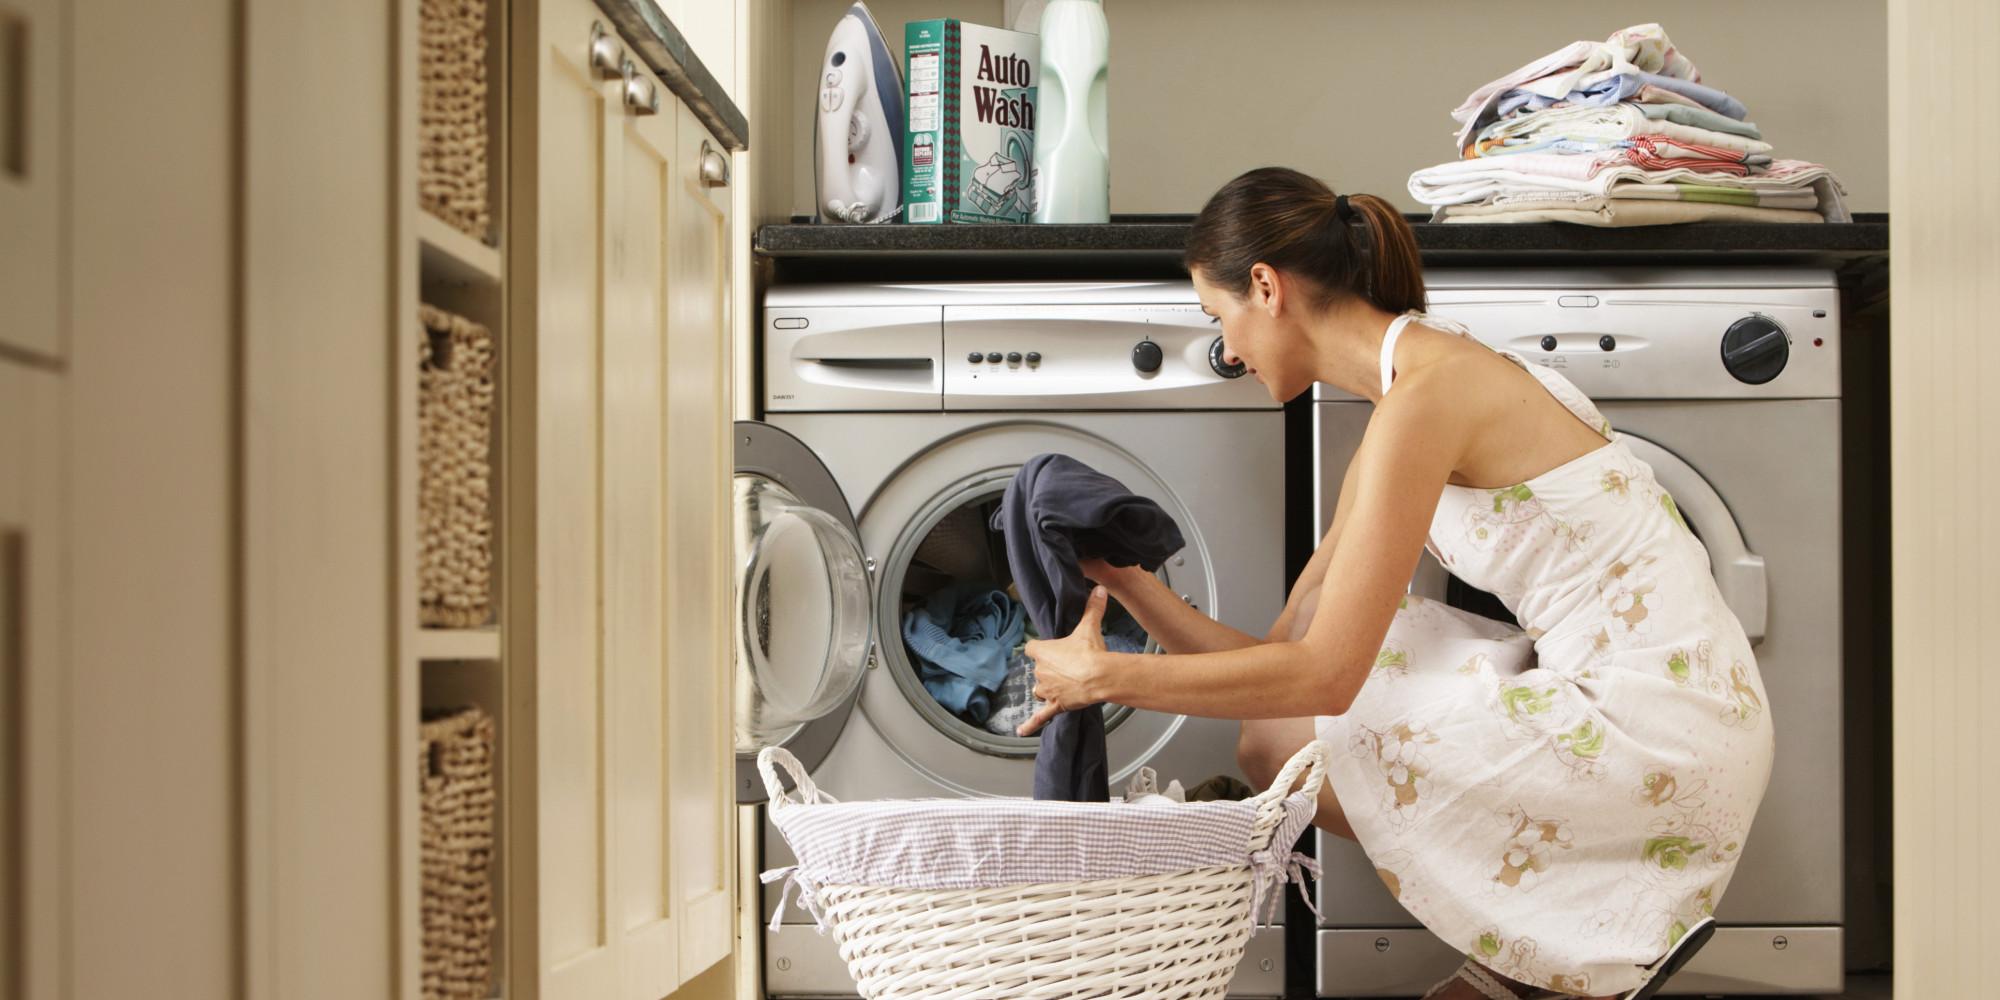 Хуурай хими цэвэрлэгээгээр цэвэрлэх шаардлагатай хувцас, хэрэглэл